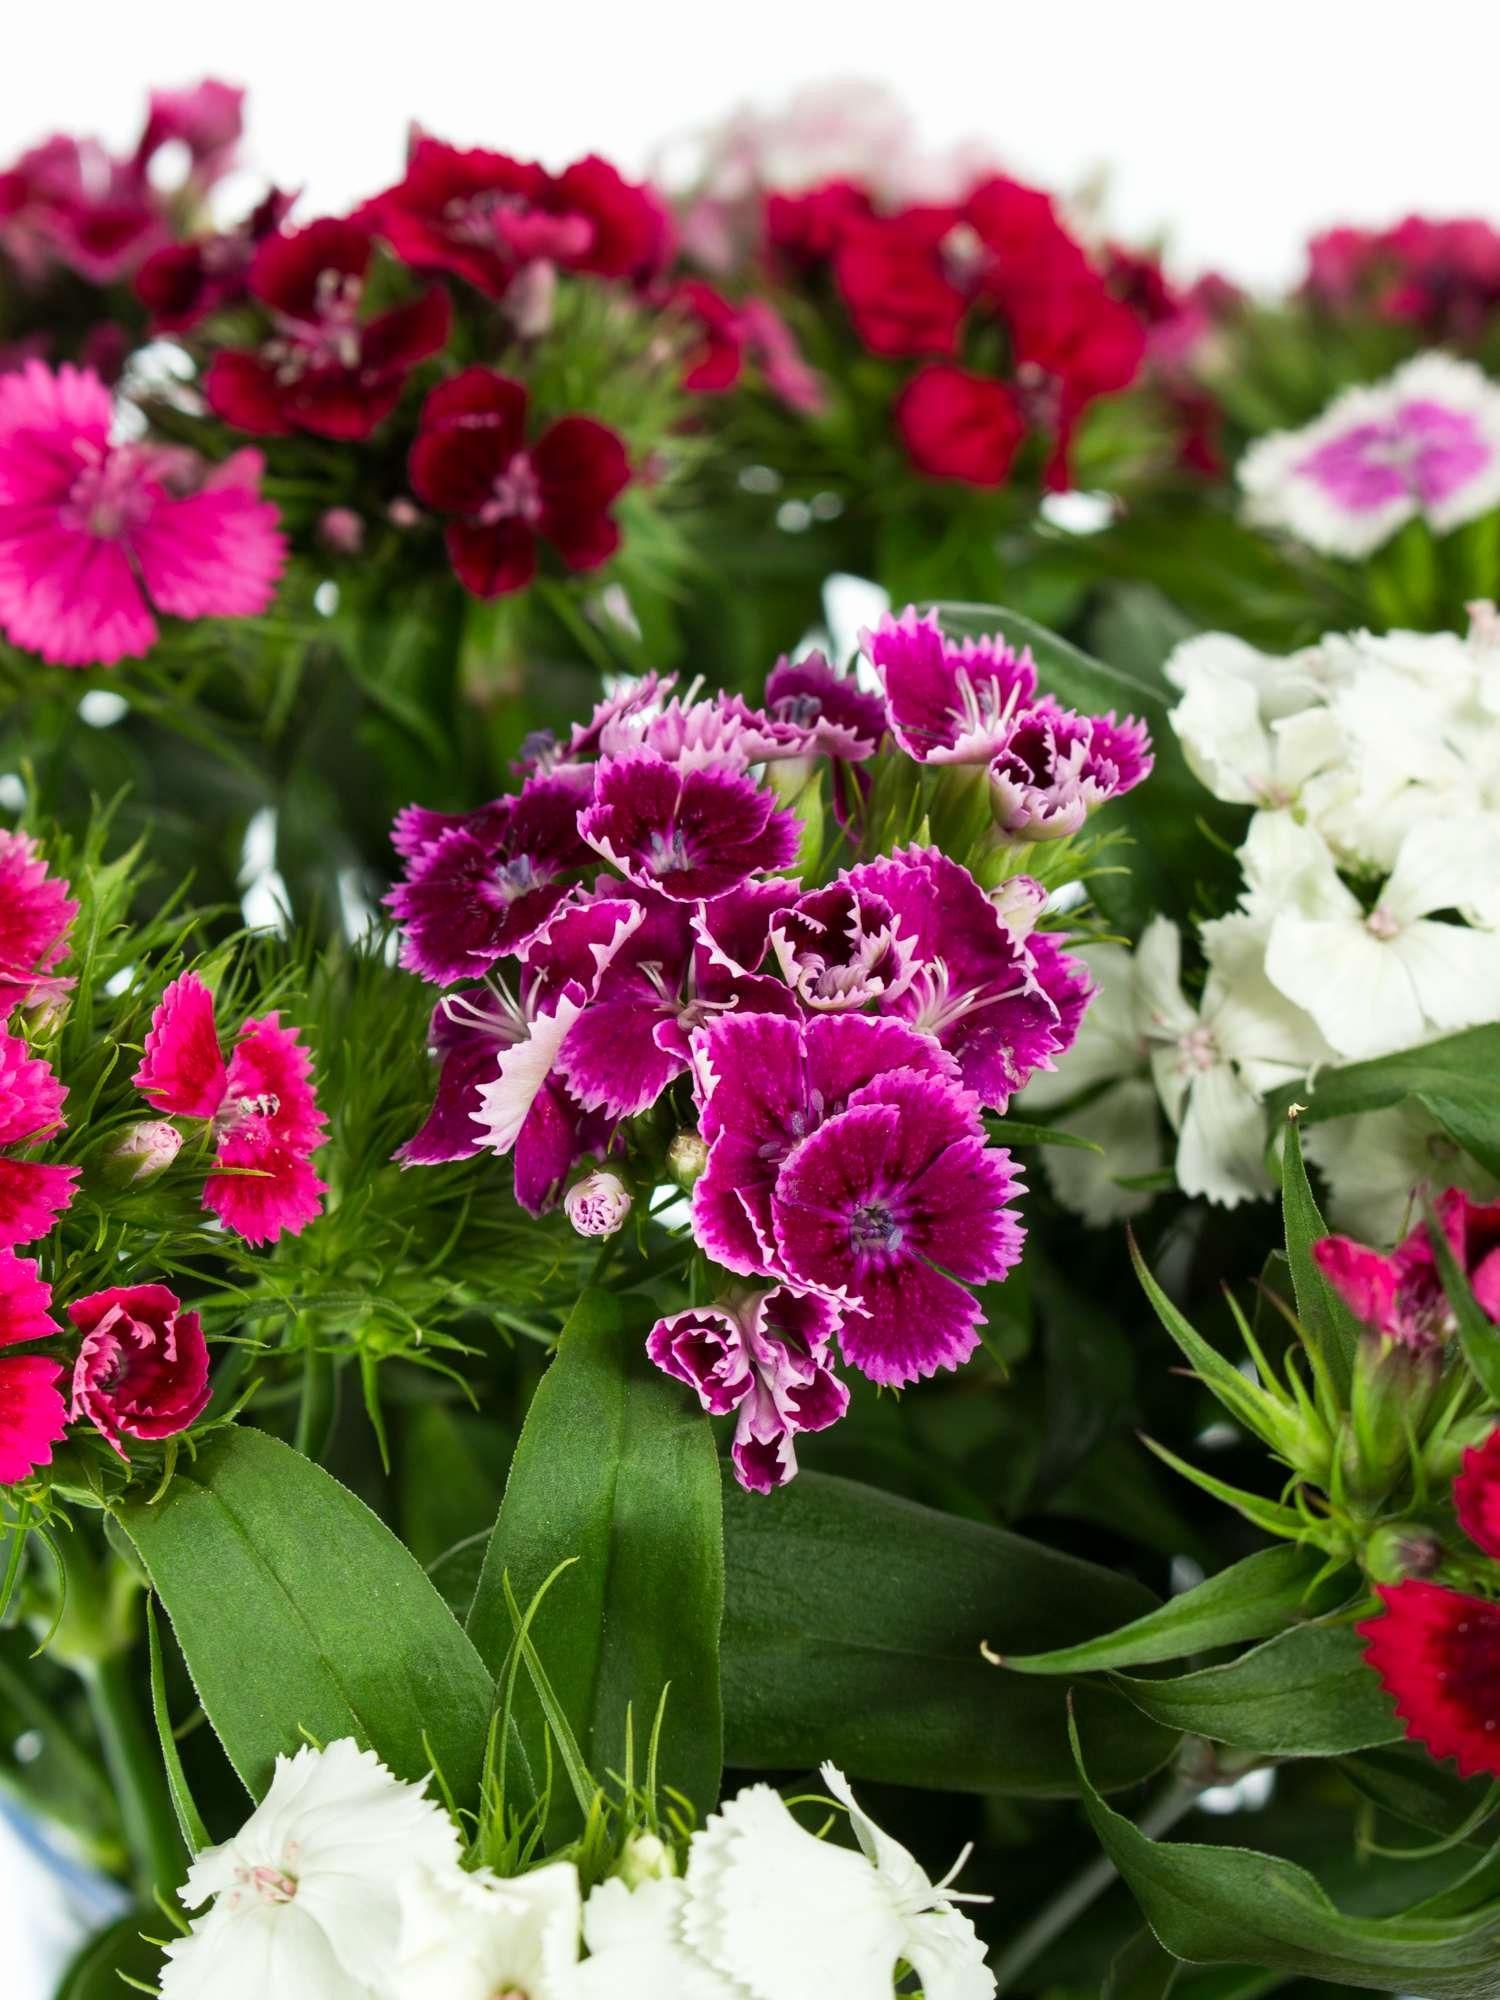 Hintergrundbilder Blumen Kostenlos Herunterladen Schön 35 innen Bilder Blumen Kostenlos